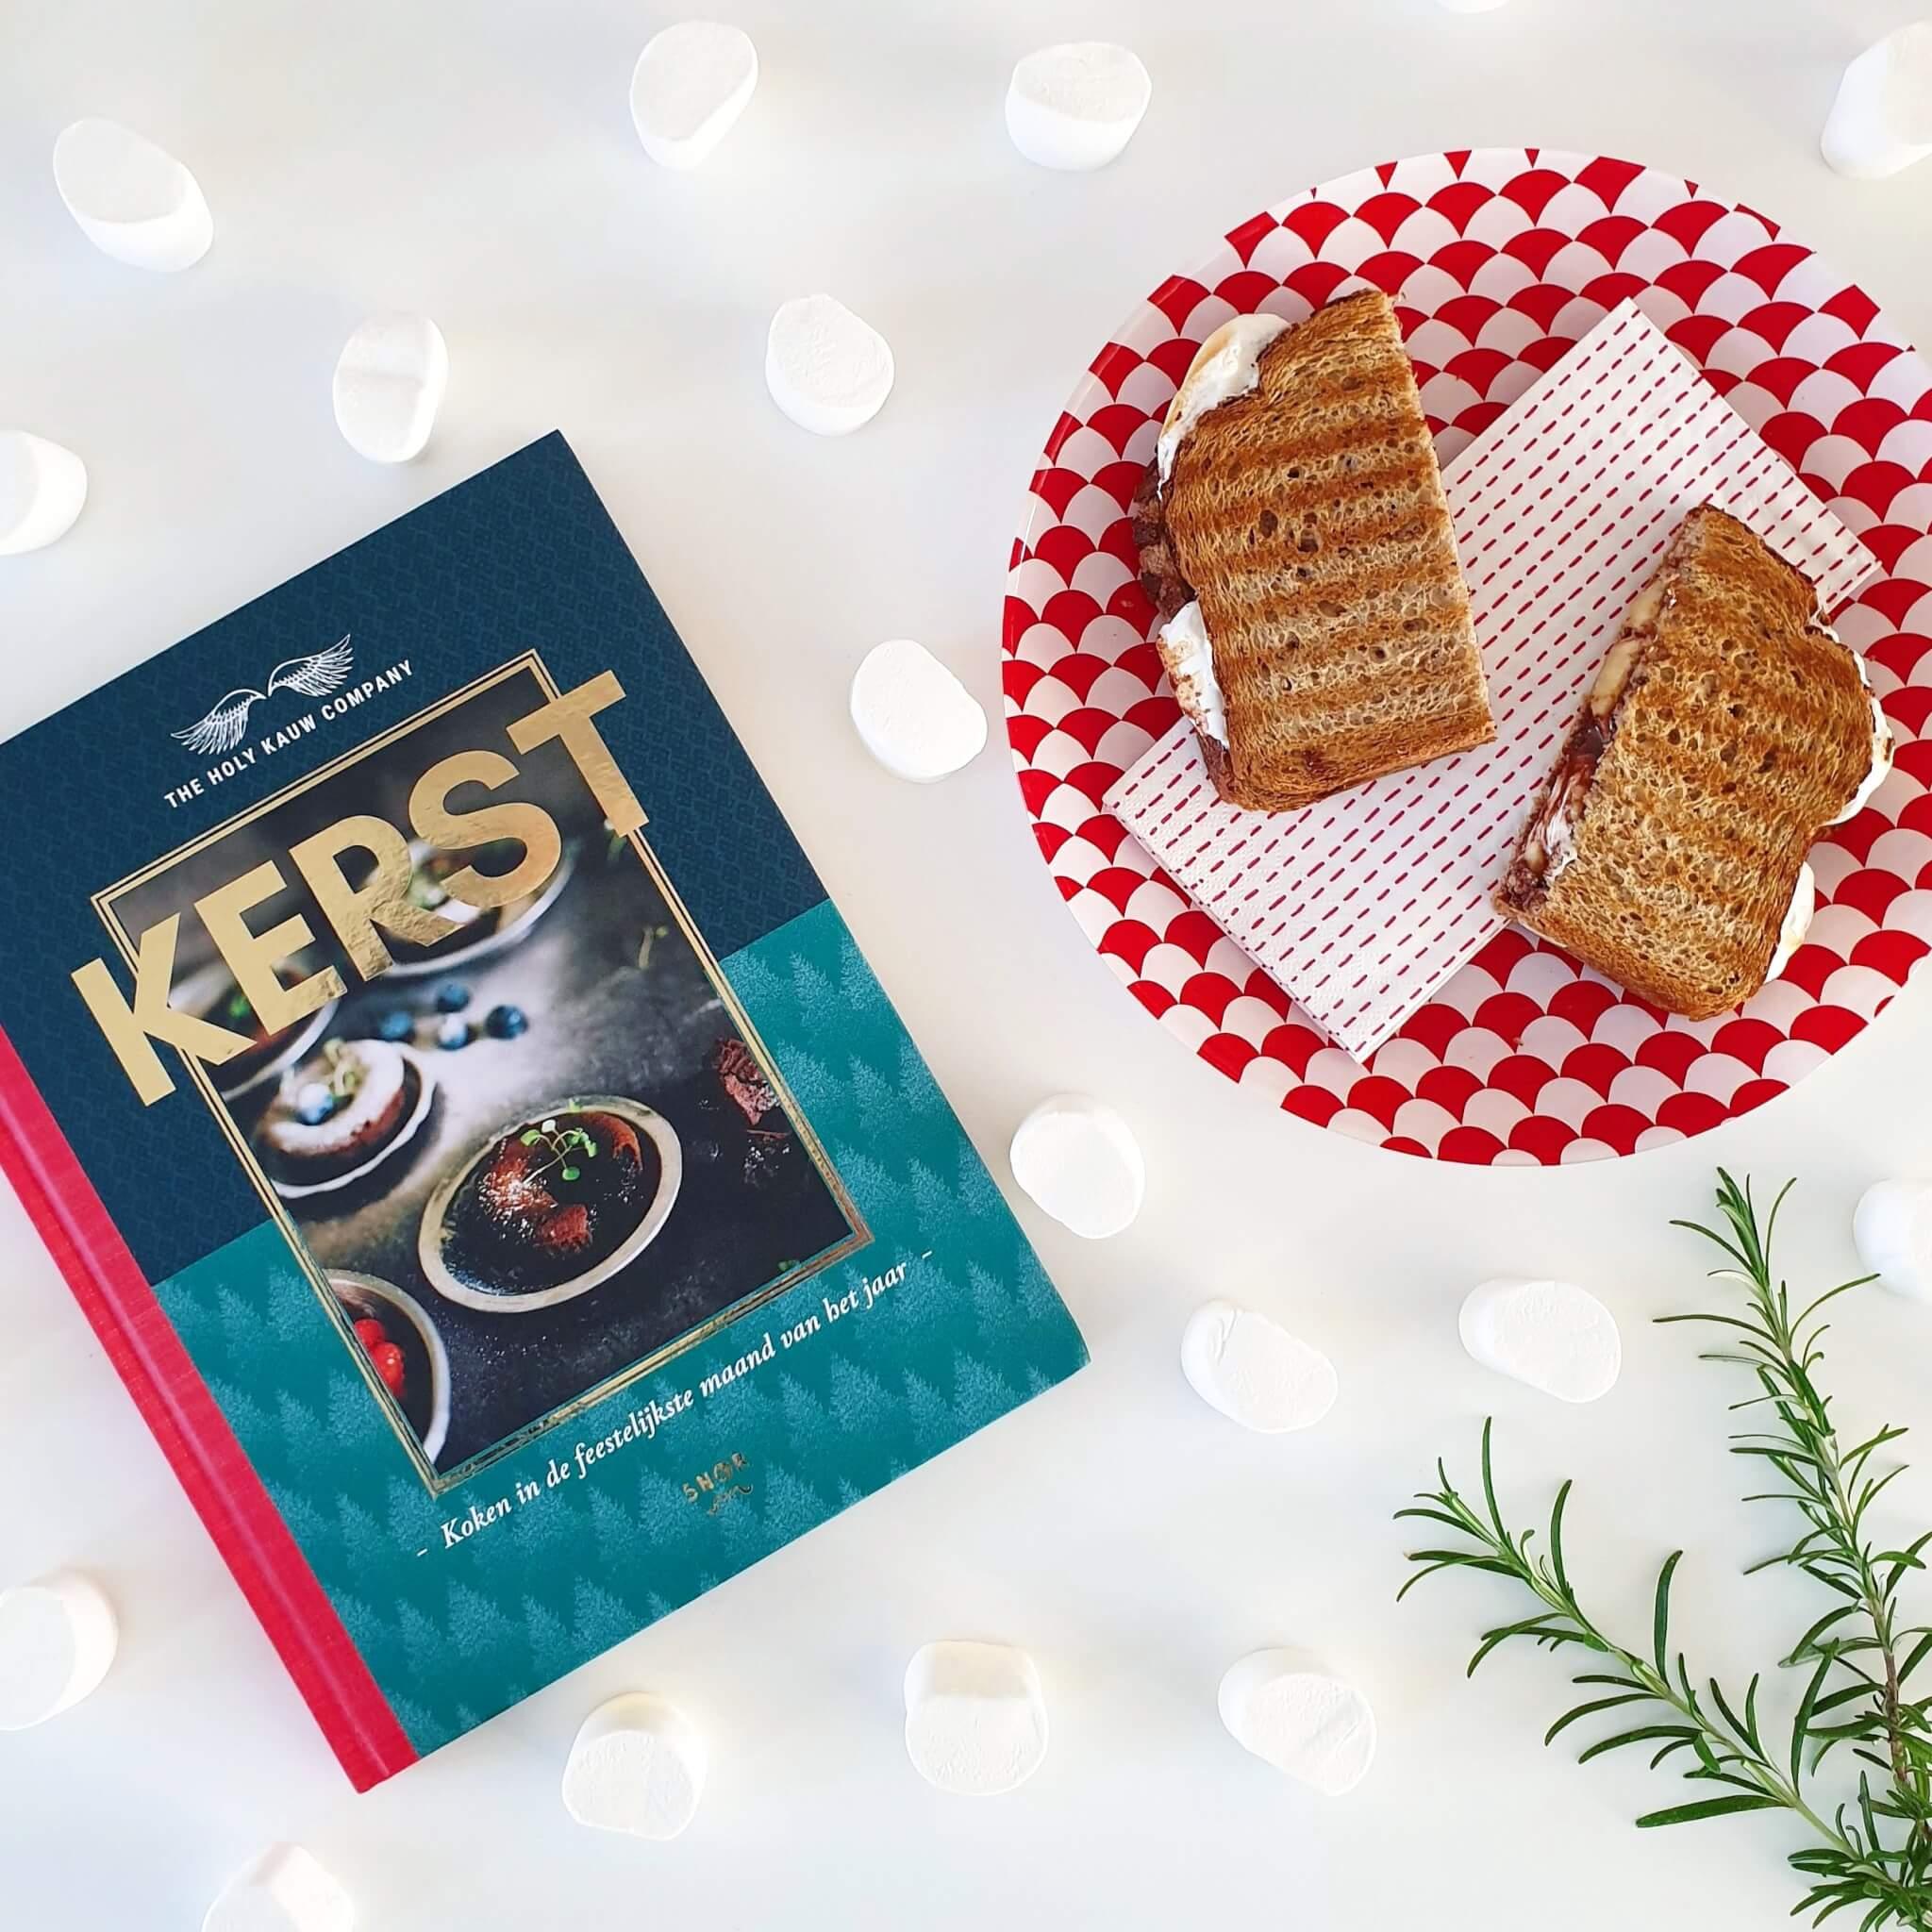 Kerst kookboek: koken in de feestelijkste maand van het jaar